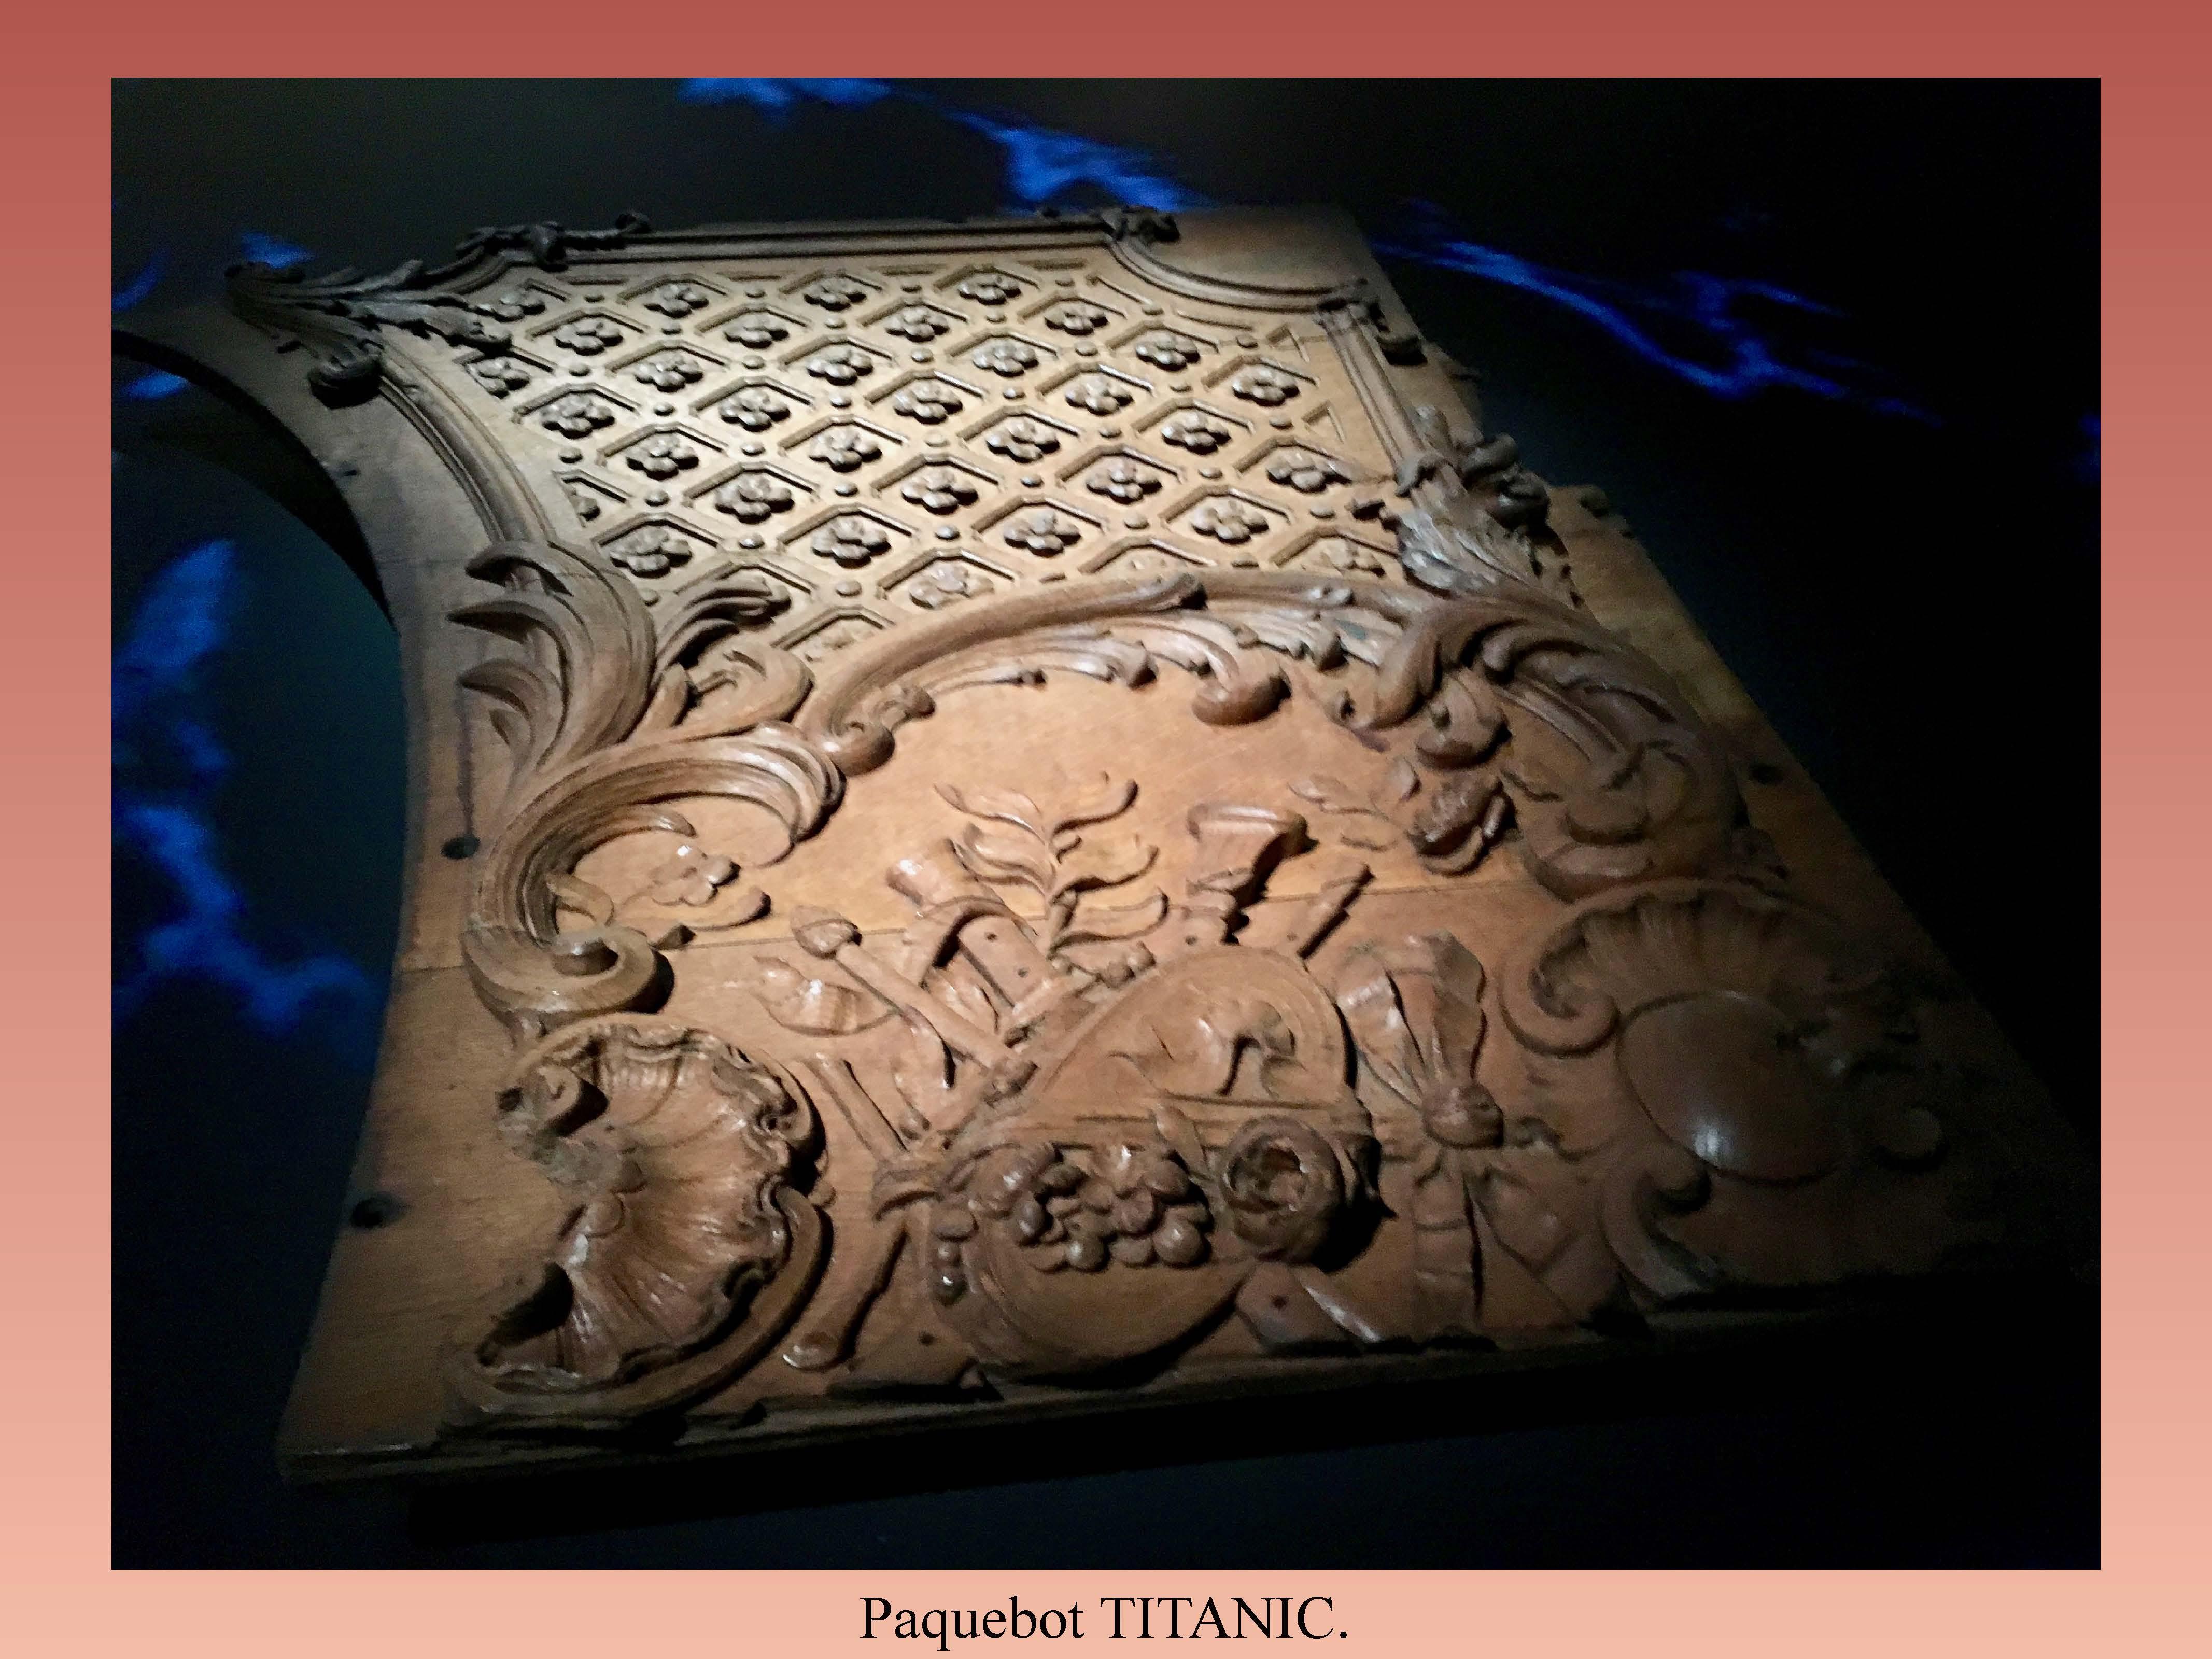 PAQUEBOT DU PASSÉ EXPOSITION AU VICTORIAN ET ALBERT MUSEUM_Page_37